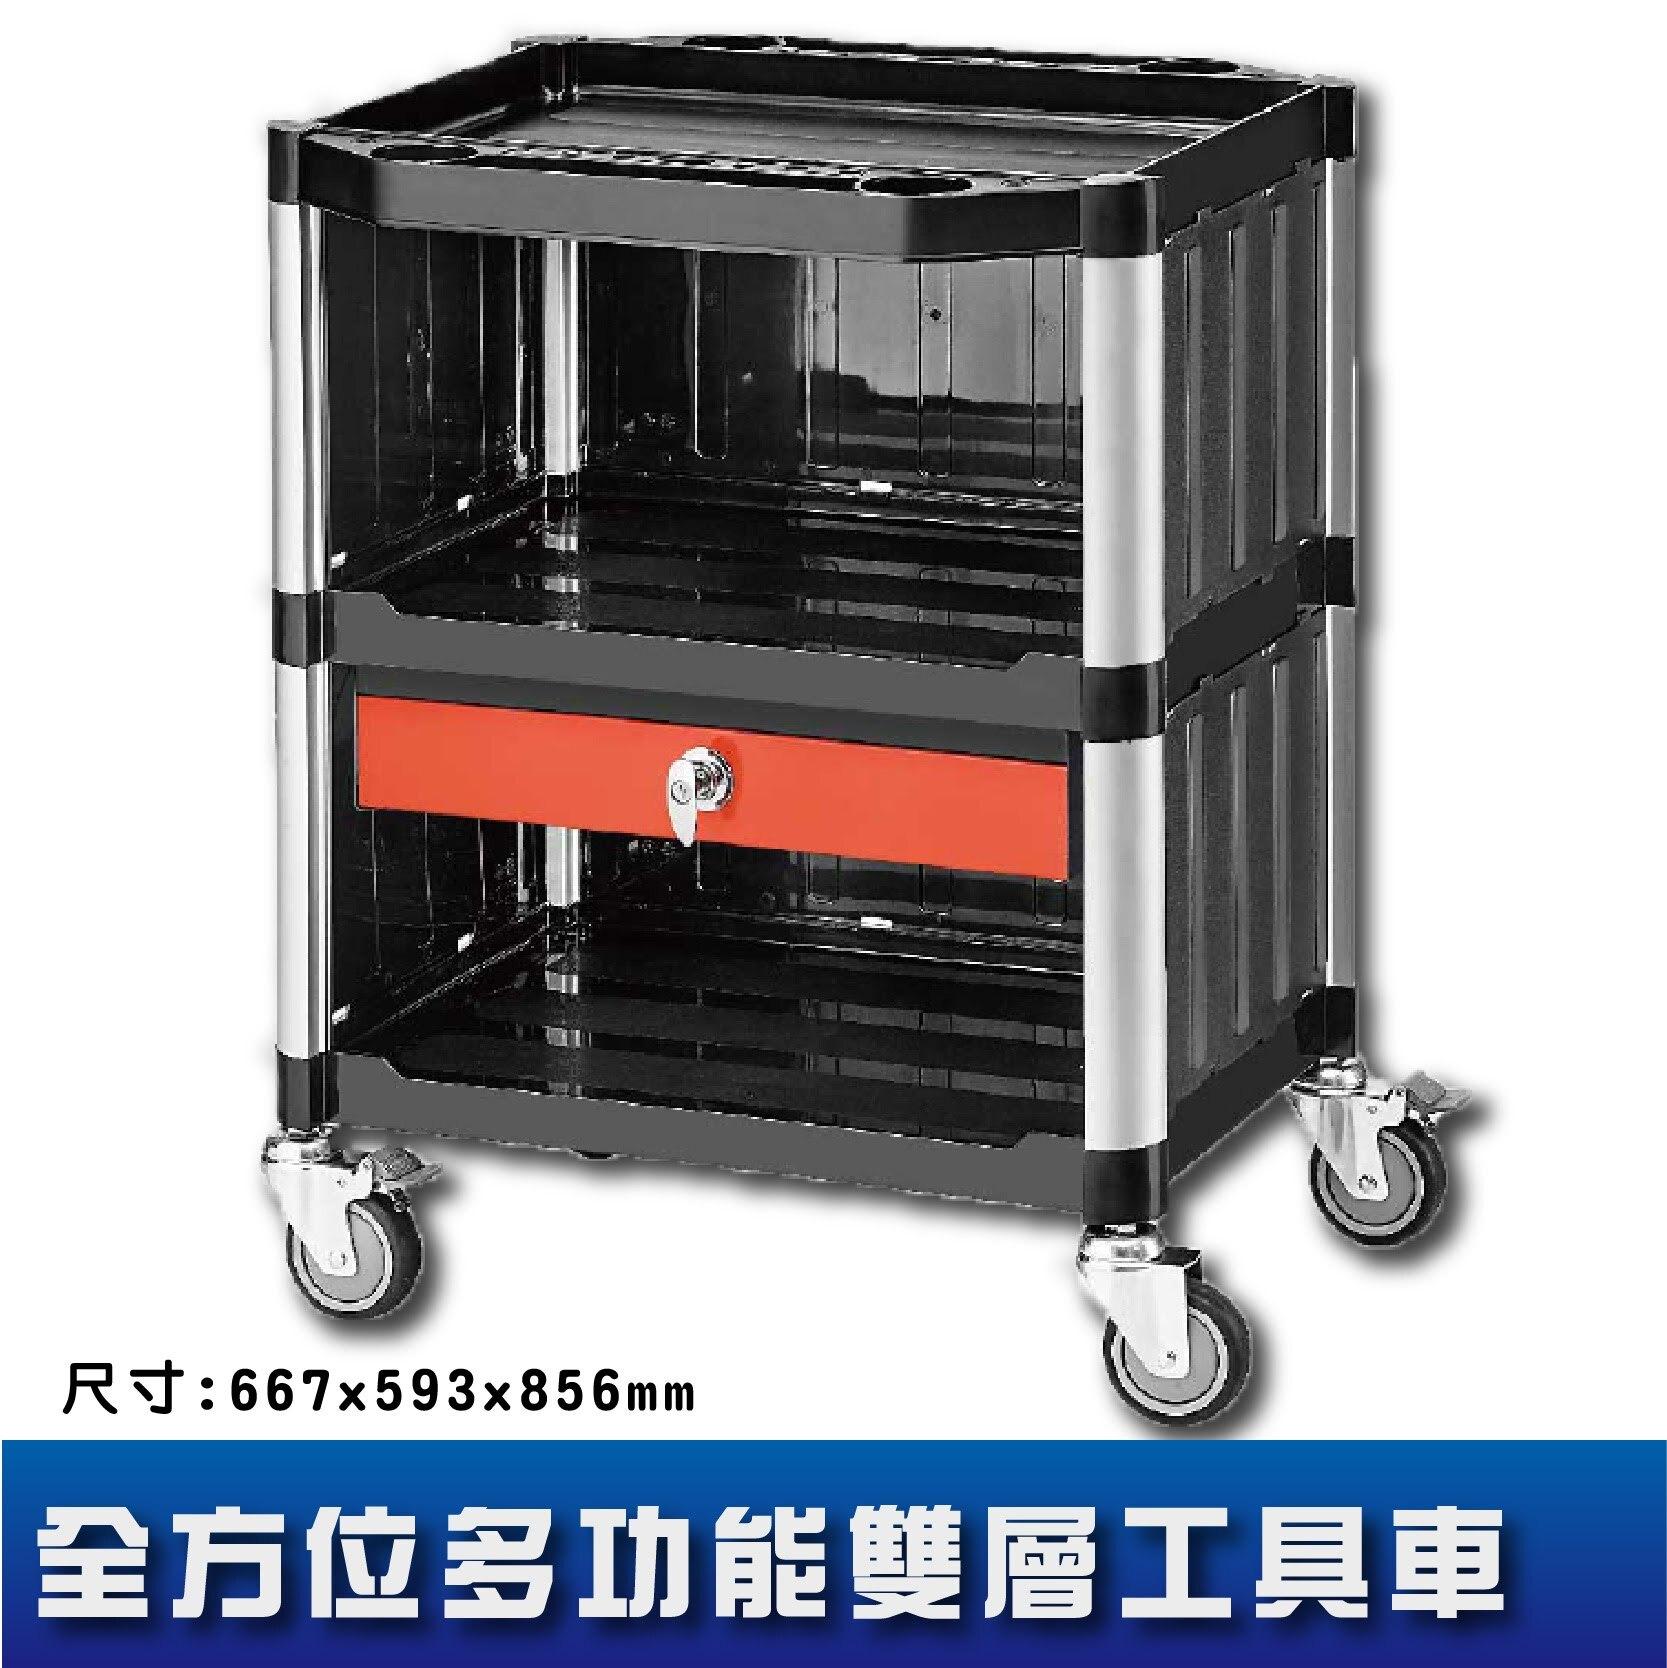 多種選擇〞KT808FA5 全方位多功能三層工具車 手推車 工作車 置物車 分層車 餐車 清潔車 房務車 服務車